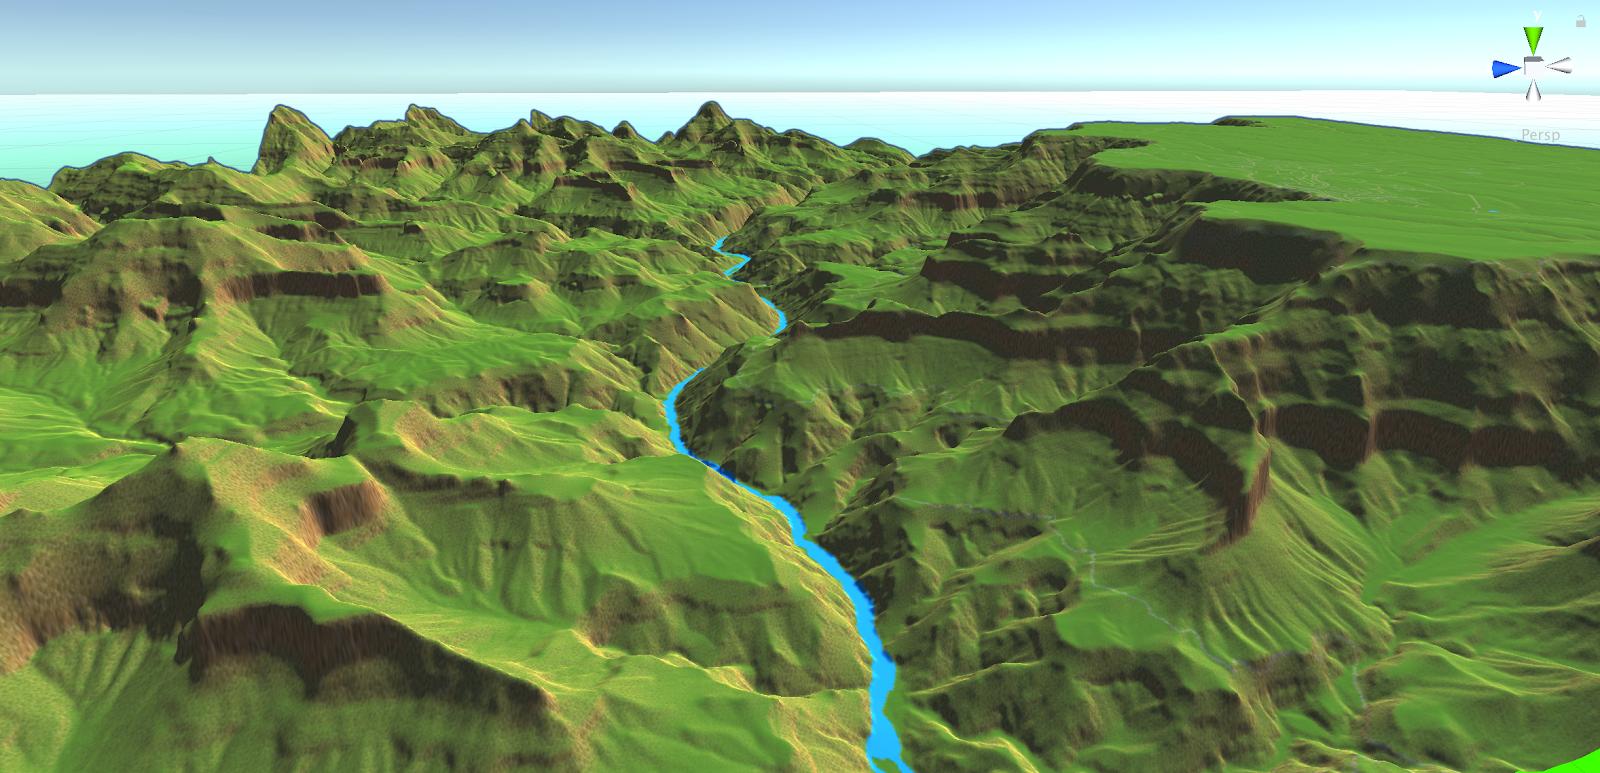 グランドキャニオンの地形標高の画像